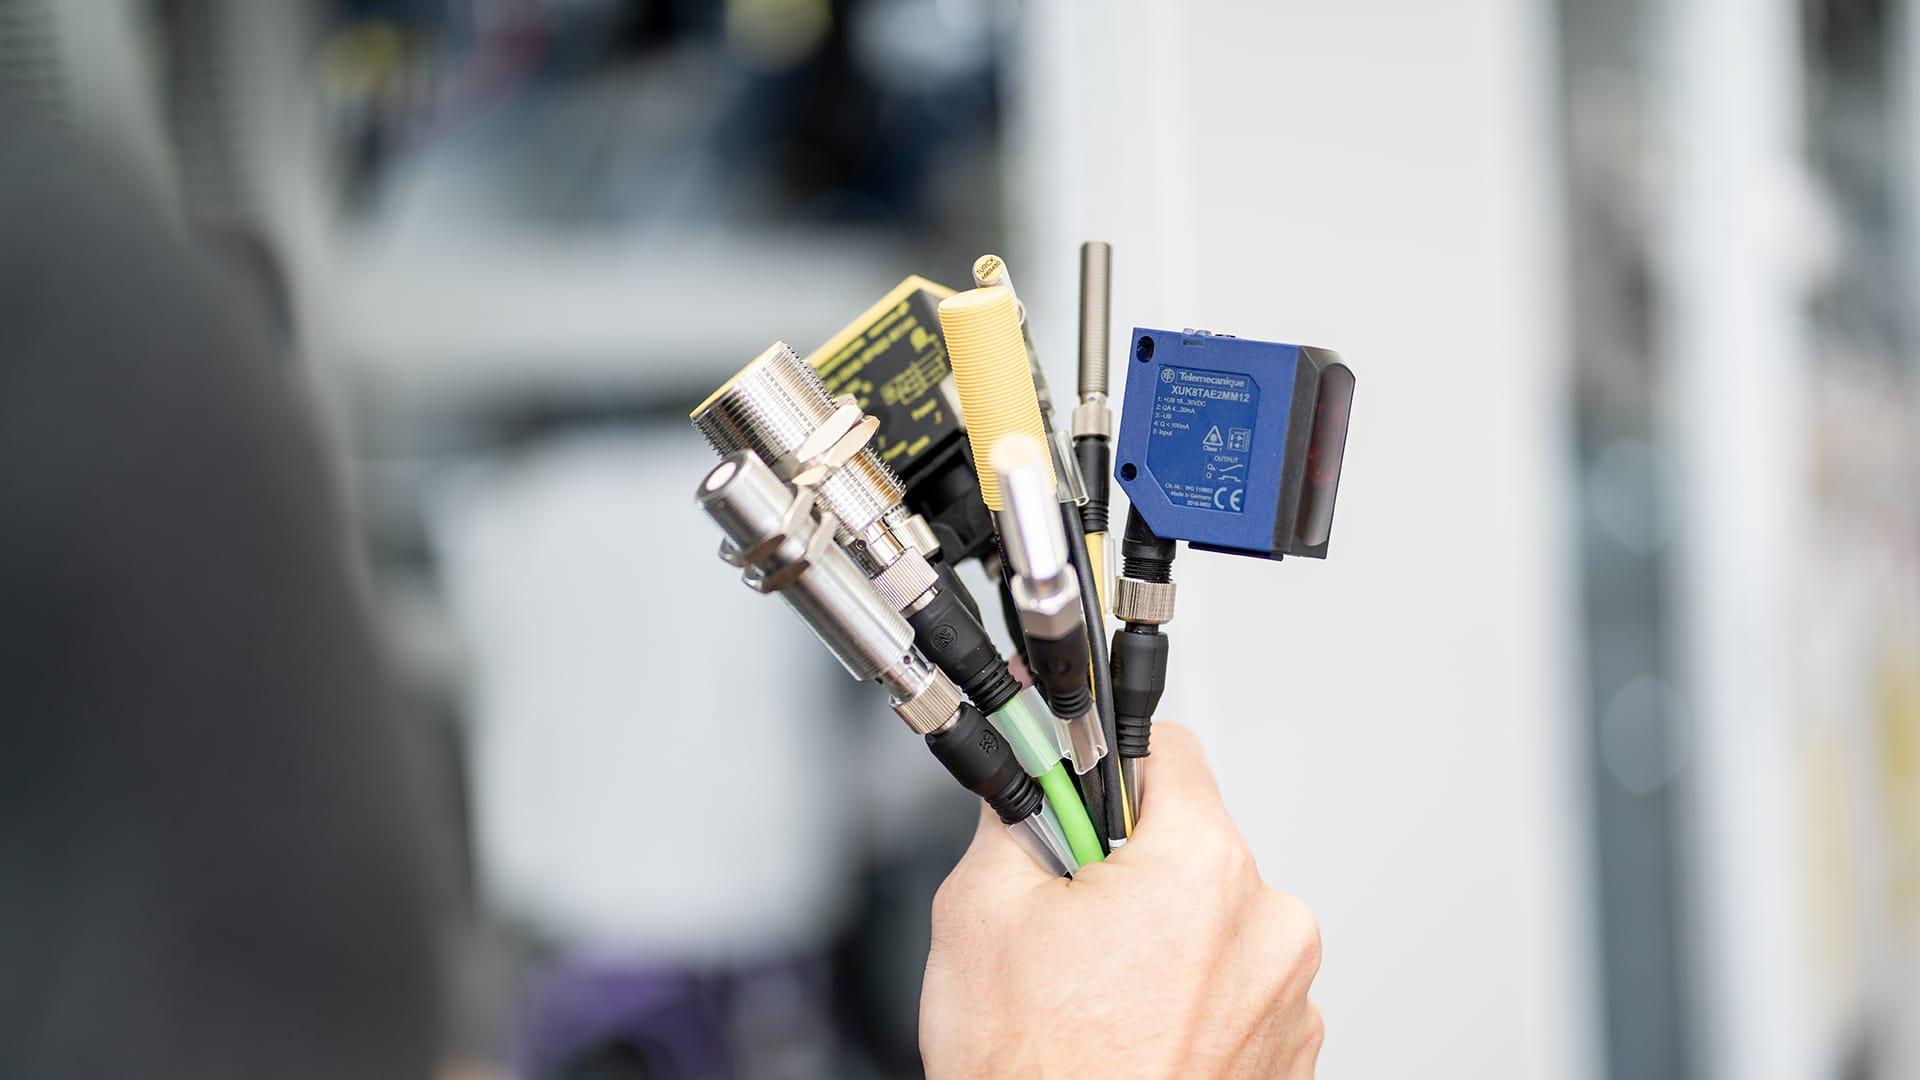 Auswahl an Sensoren